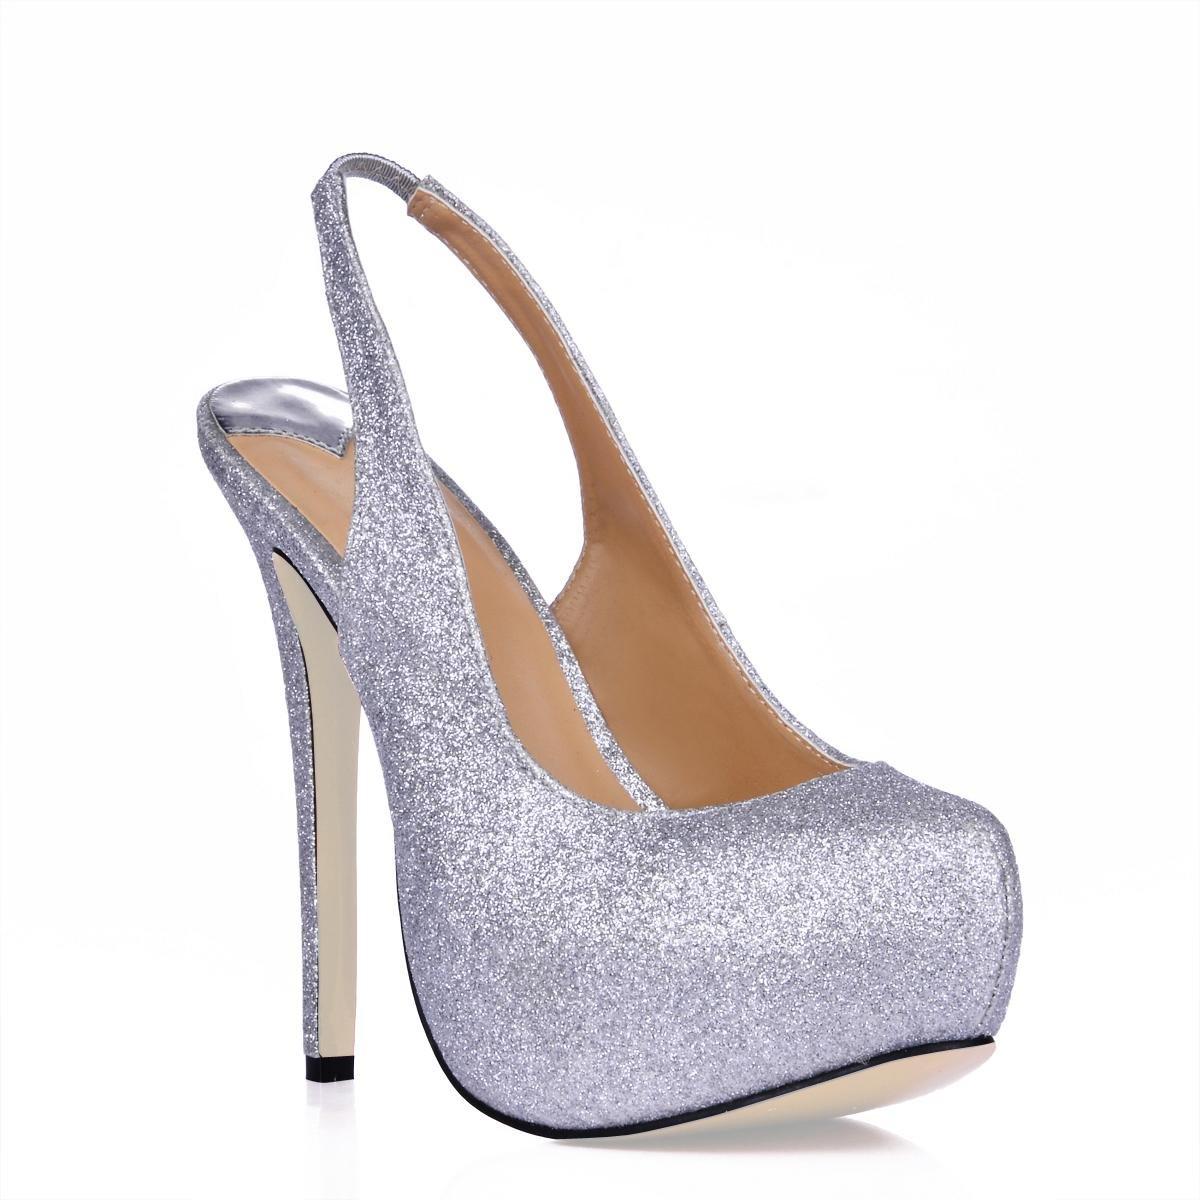 Best 4U® Damen Sandale Stiletto Gummisohle Runde Kappe 10cm High Heel Sommer Frühling Volltonfarbe Bling Schuhe Slingback